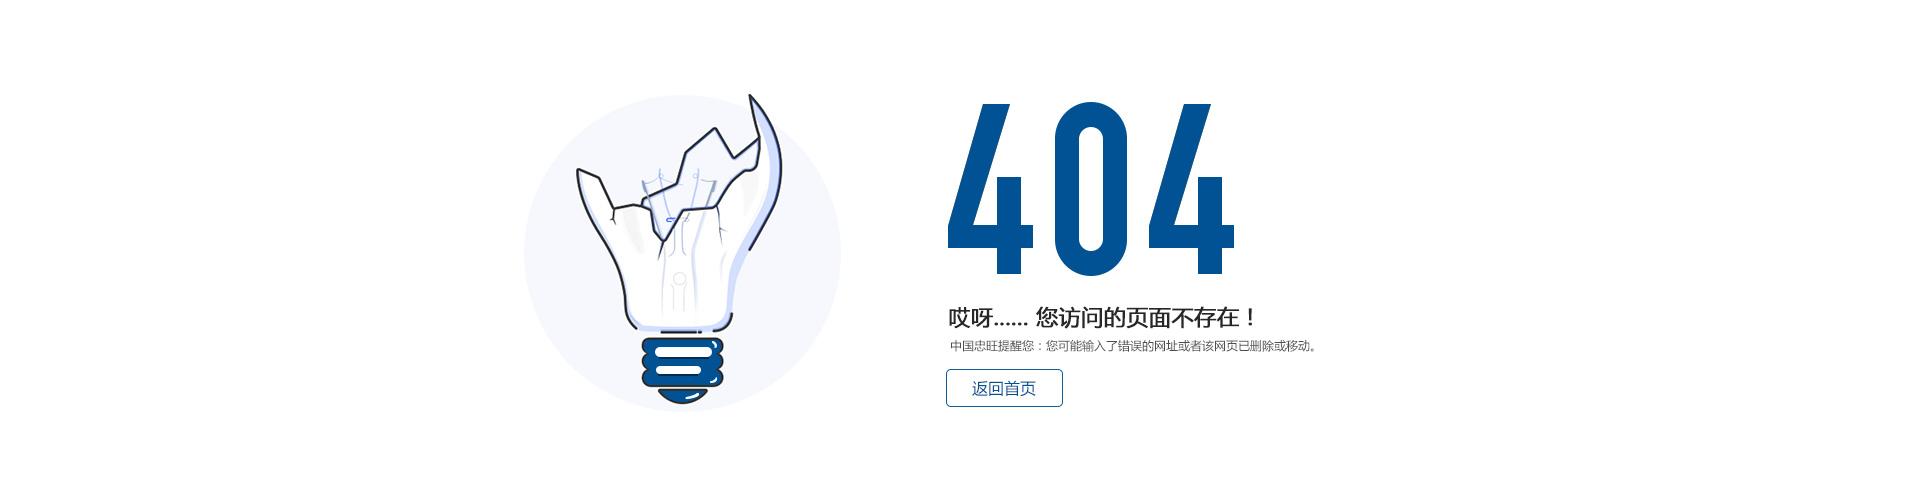 中國自拍偷拍网榮獲「2018中國好公司」